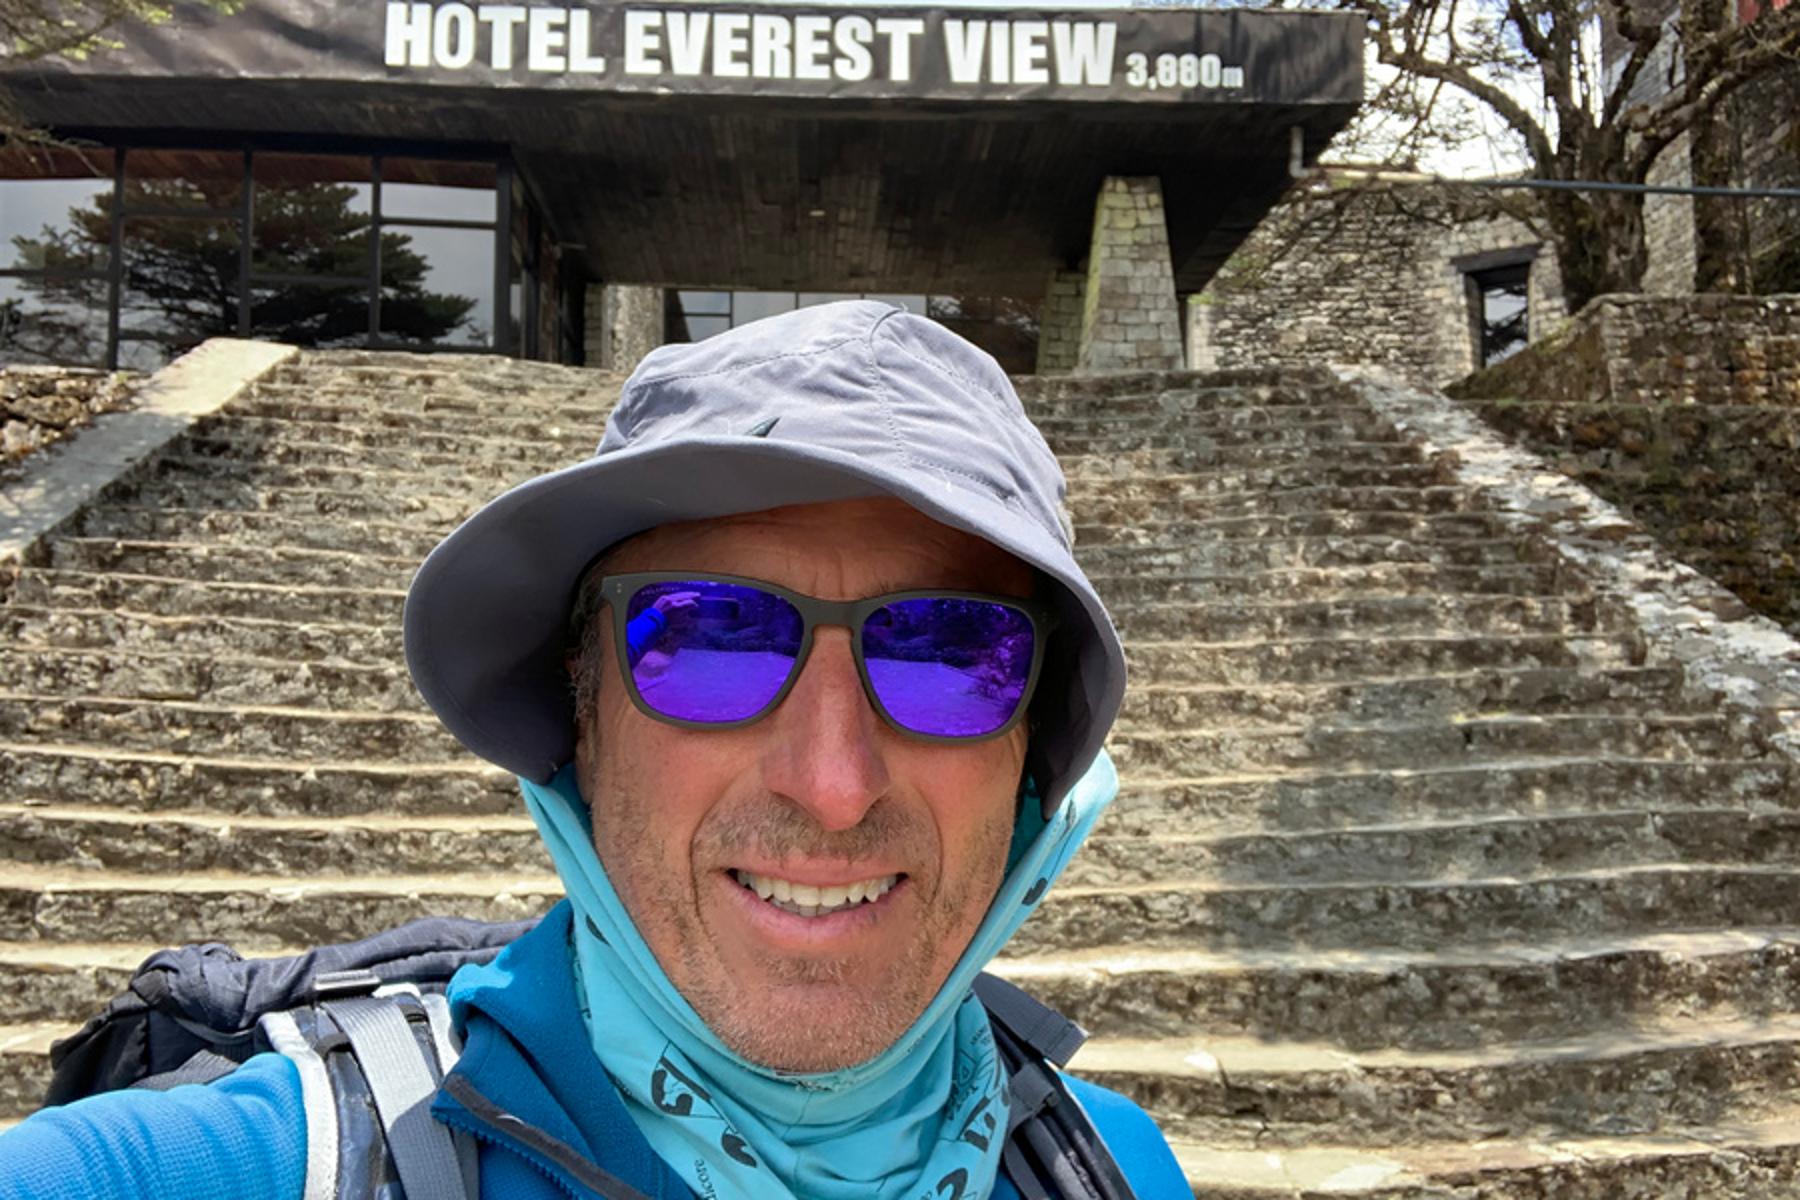 Αντώνης Συκάρης: Κυνηγώντας το ακατόρθωτο – Η μεγάλη πρόκληση του «Φονικού βουνού»